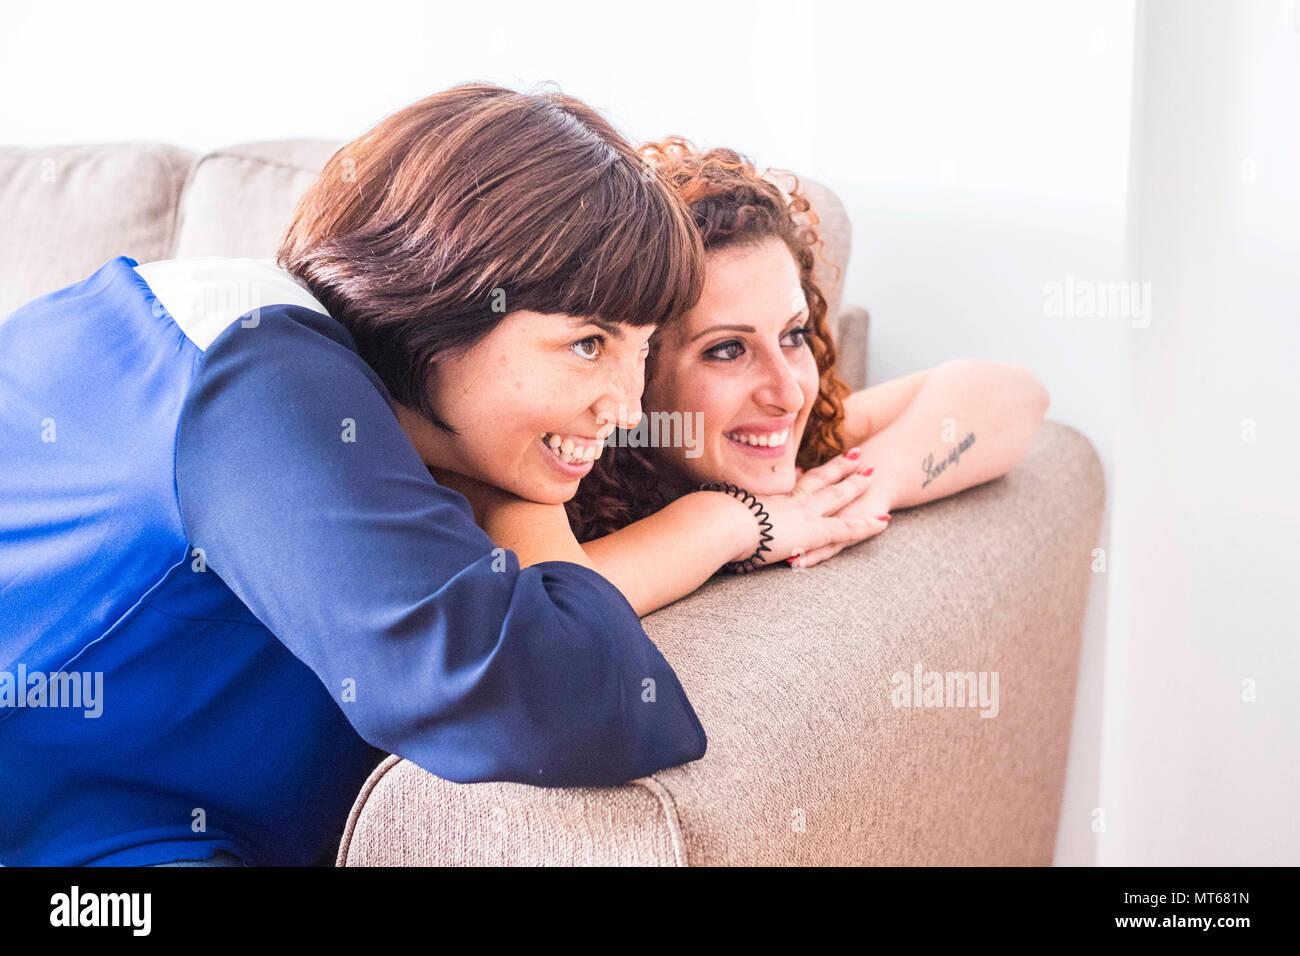 Par od dos amigas permanezcan juntos en el sofá sonriendo y divertirse. La amistad o la relación en casa con interiores de estilo de vida agradable manera Imagen De Stock